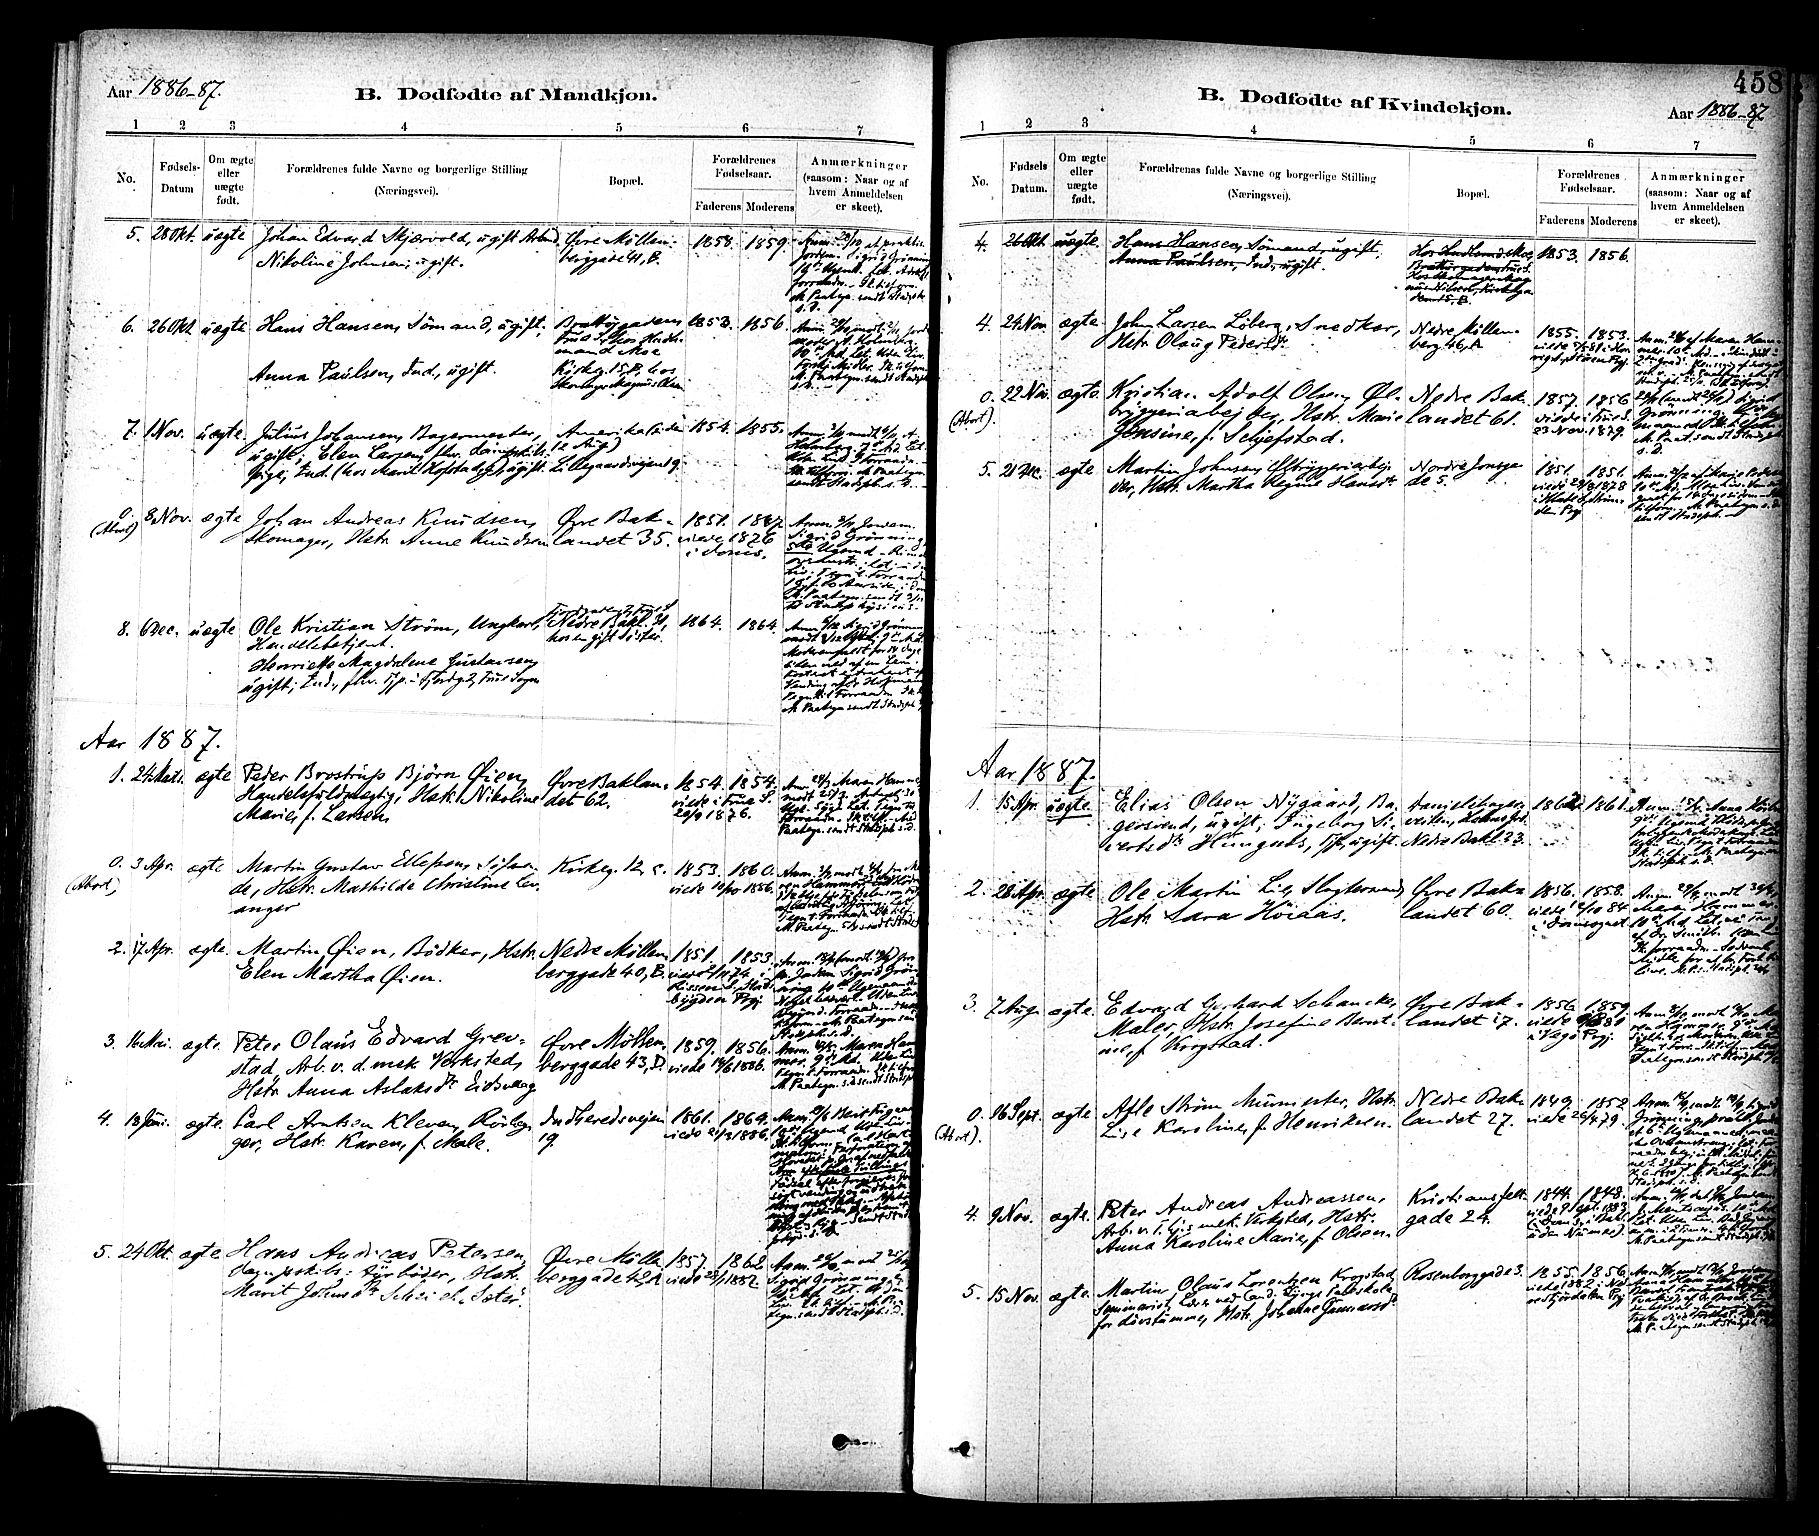 SAT, Ministerialprotokoller, klokkerbøker og fødselsregistre - Sør-Trøndelag, 604/L0188: Ministerialbok nr. 604A09, 1878-1892, s. 458